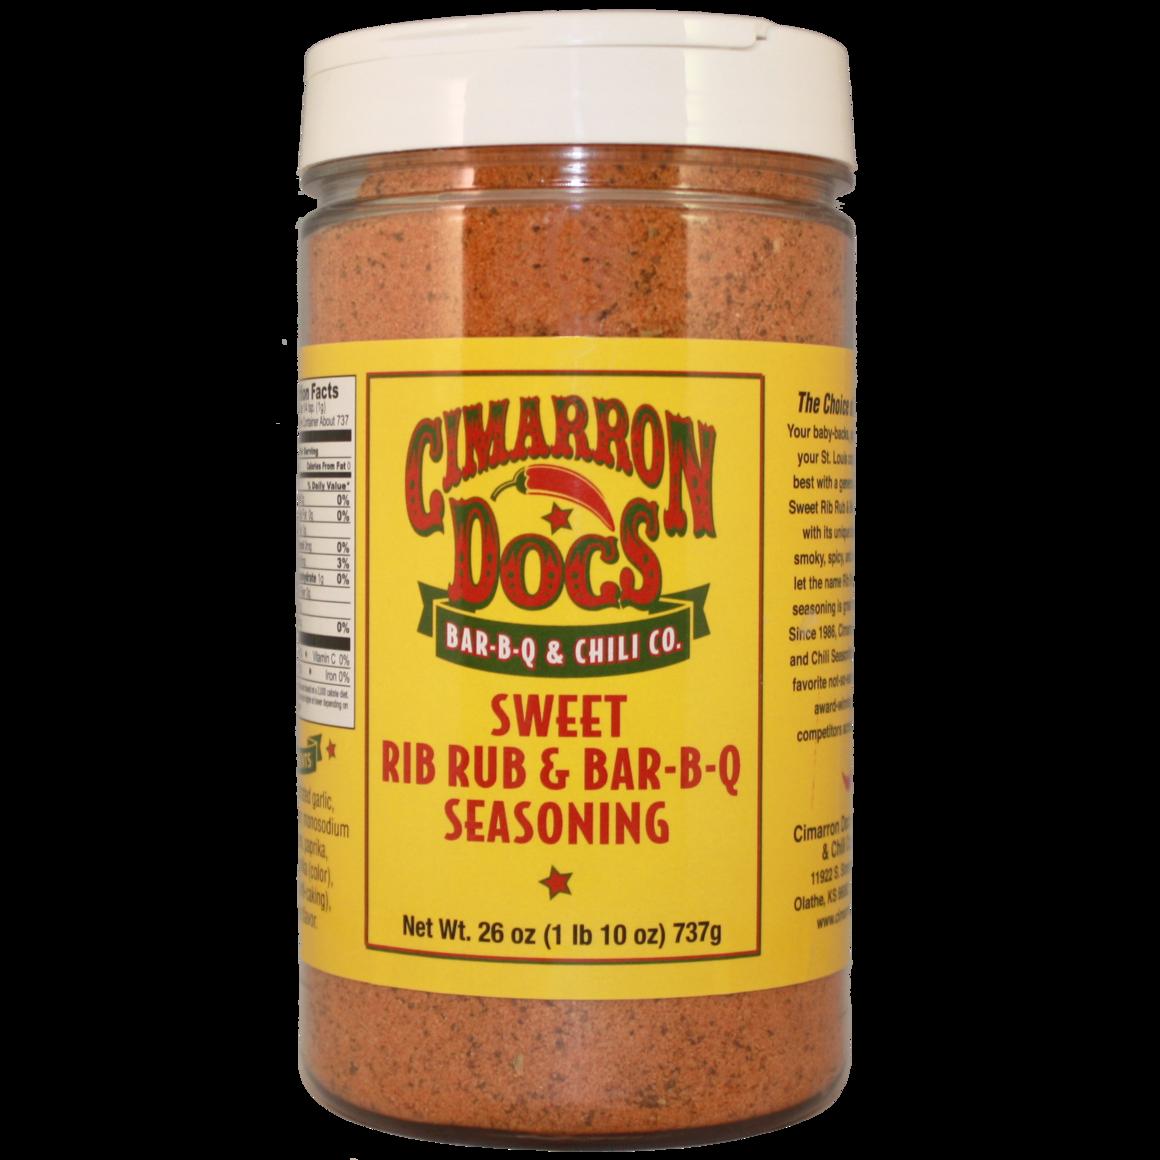 Cimarron Doc's Sweet Rib Rub & Bar-B-Q Seasoning 1 lb. 10 oz. 0780690100654